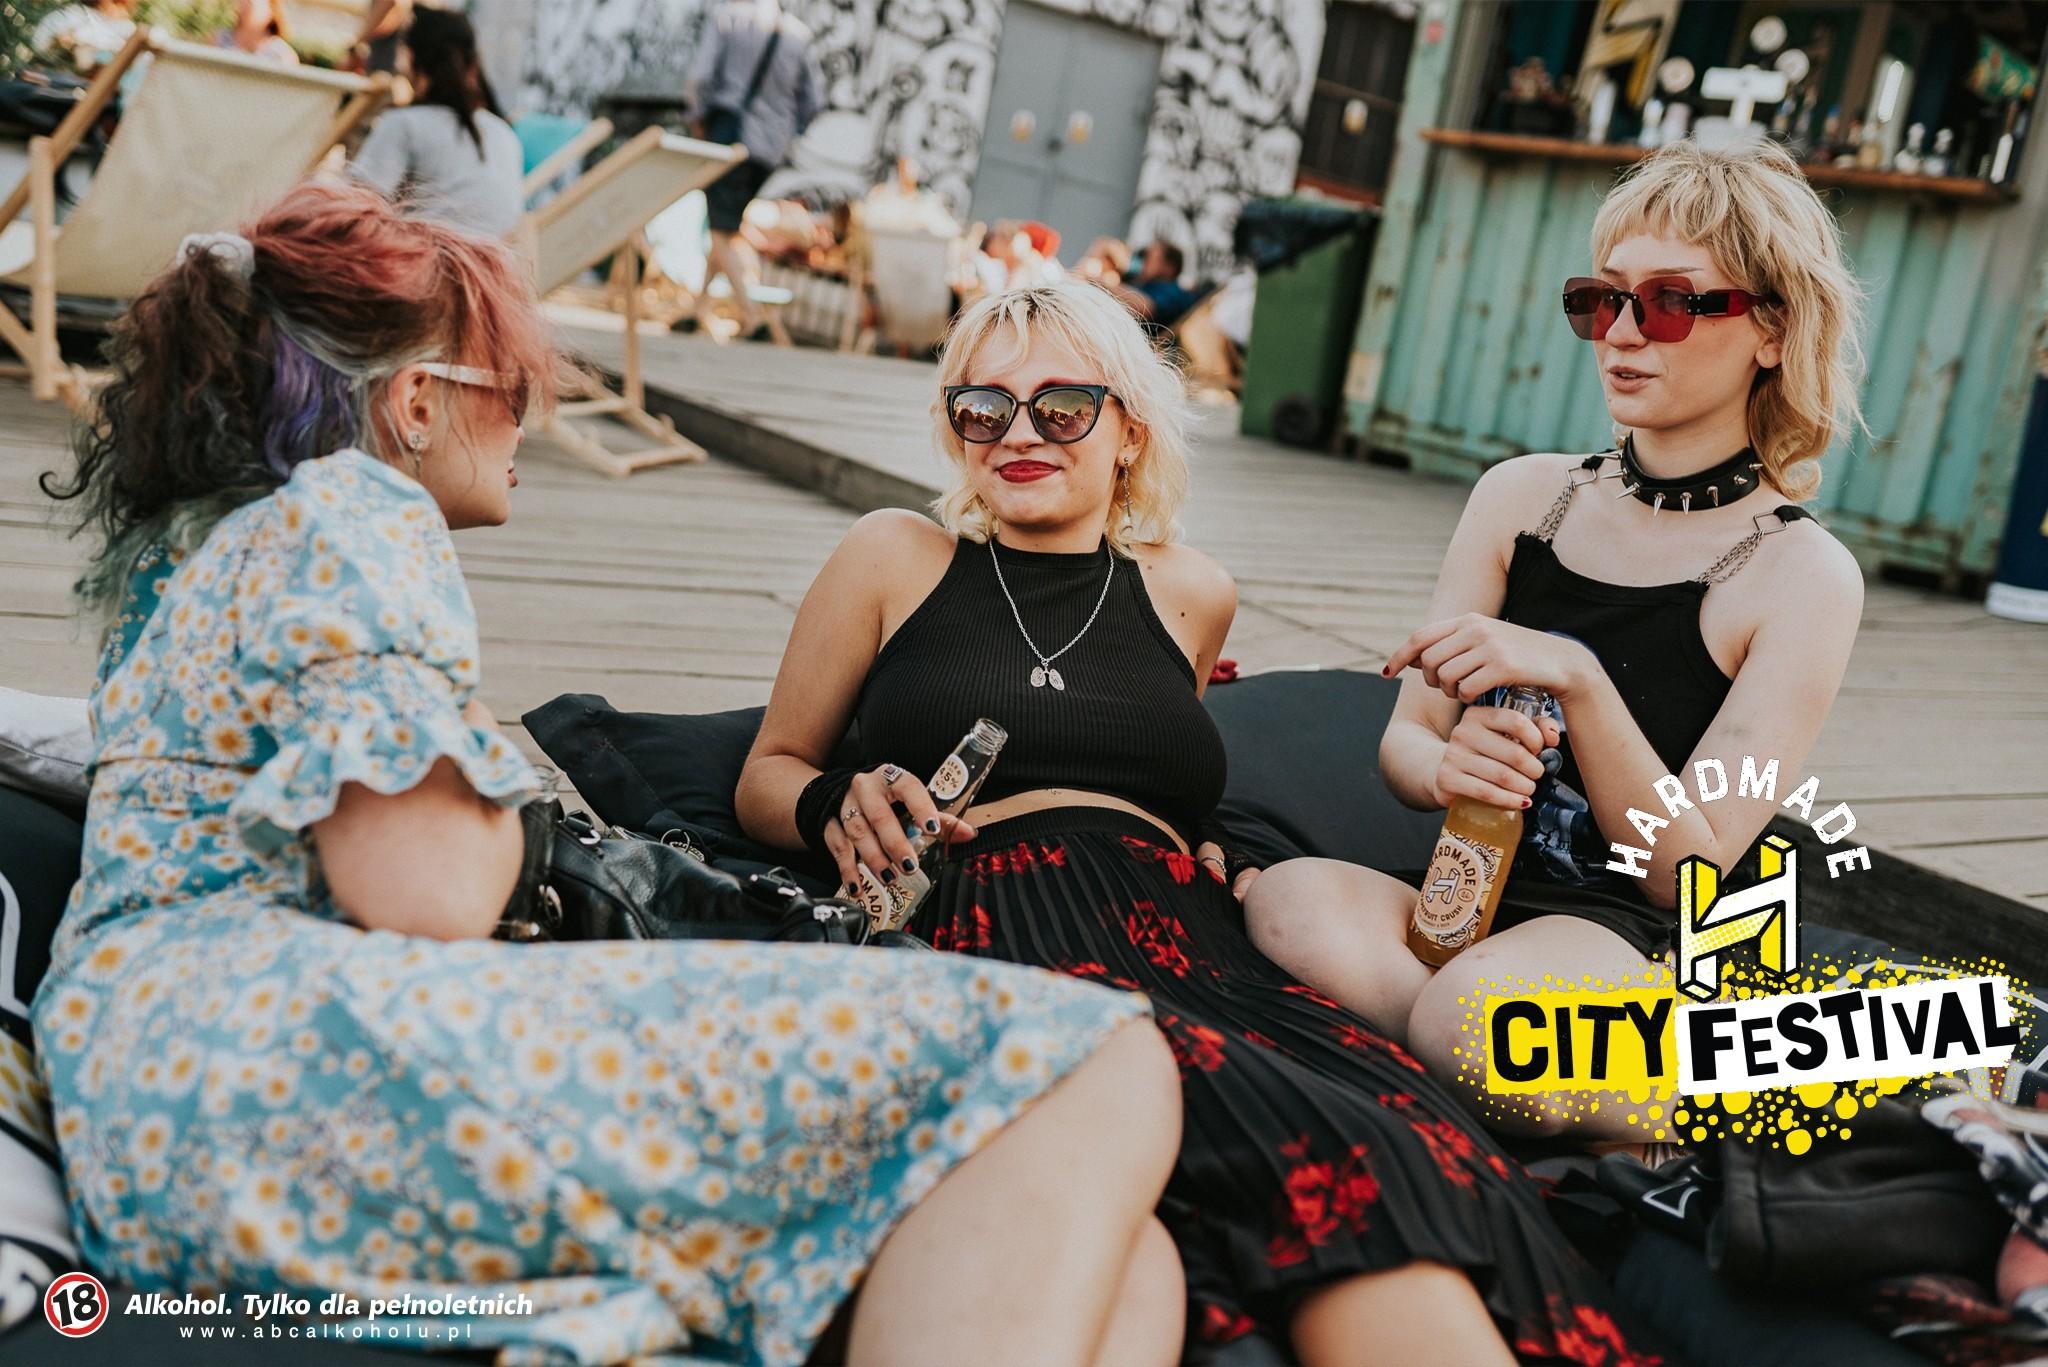 Zanami wszystkie edycje Hardmade City Festival. Jaki był ich wspólny mianownik ijak wypadła każda zosobna?